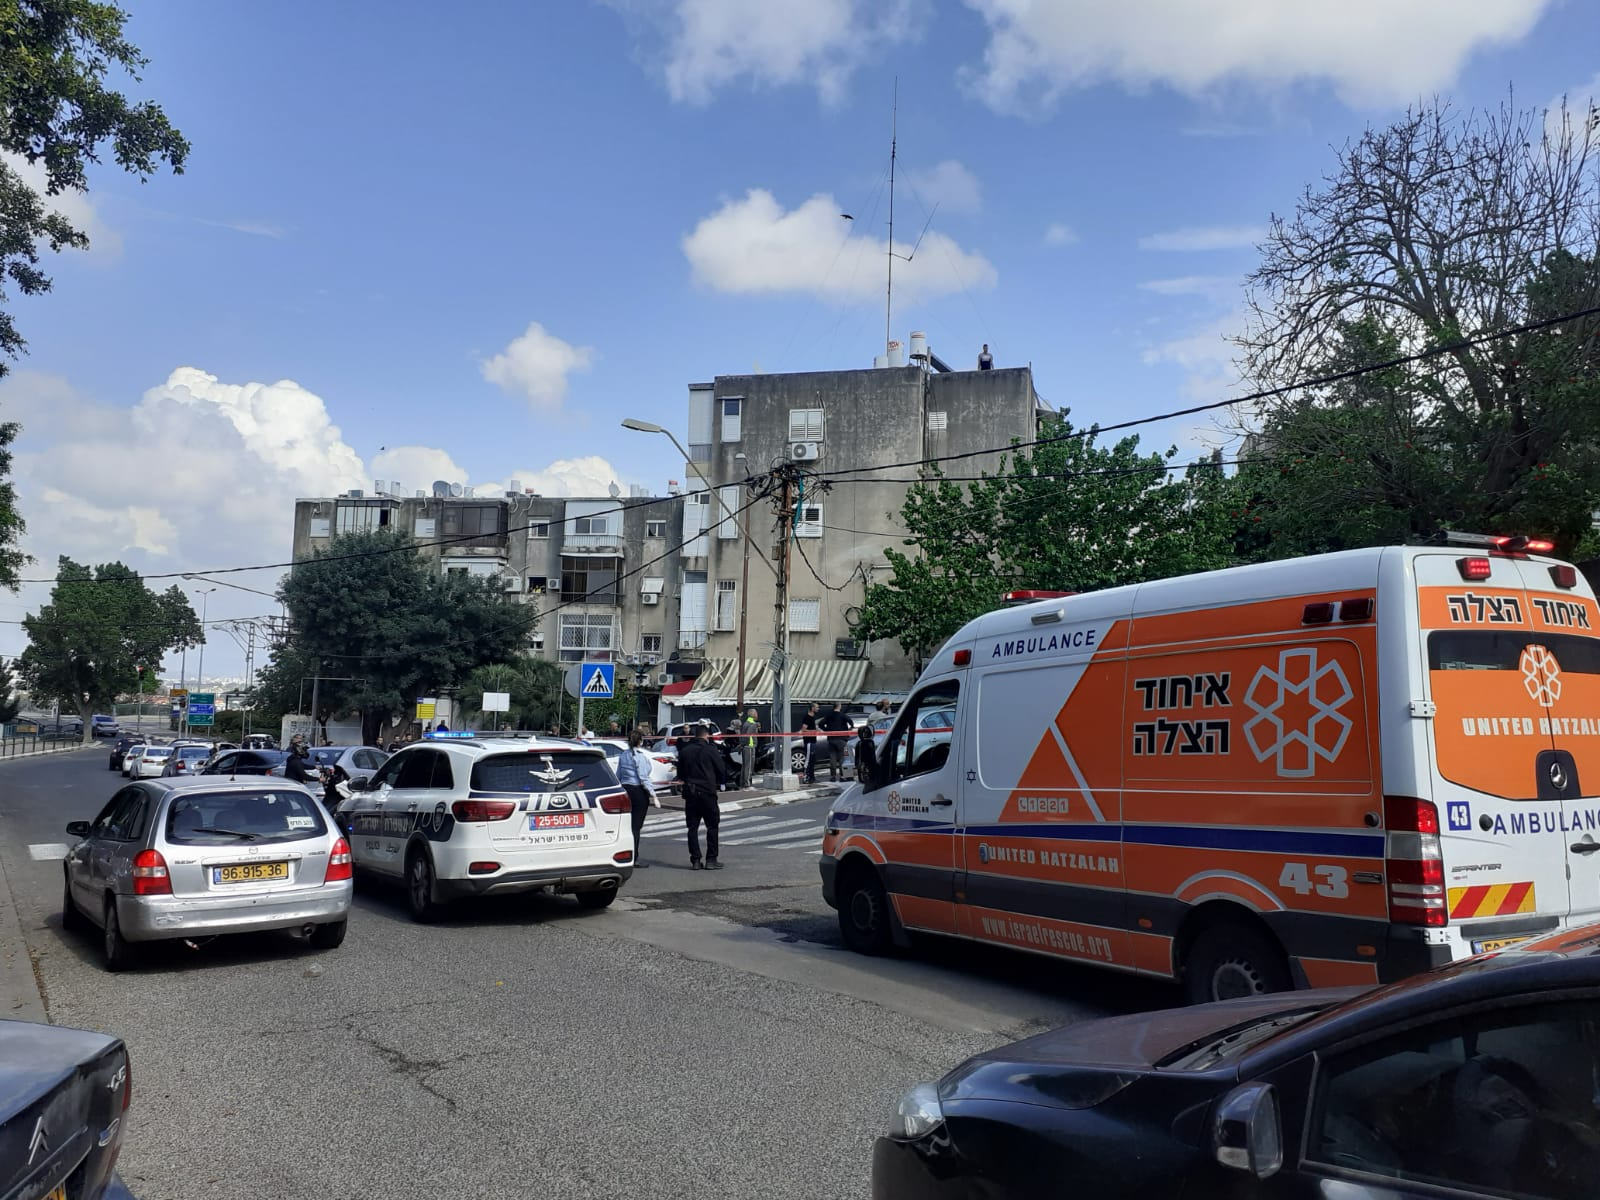 זירת אירוע הירי ברחוב הגיבורים (צילום: דוברות איחוד הצלה)